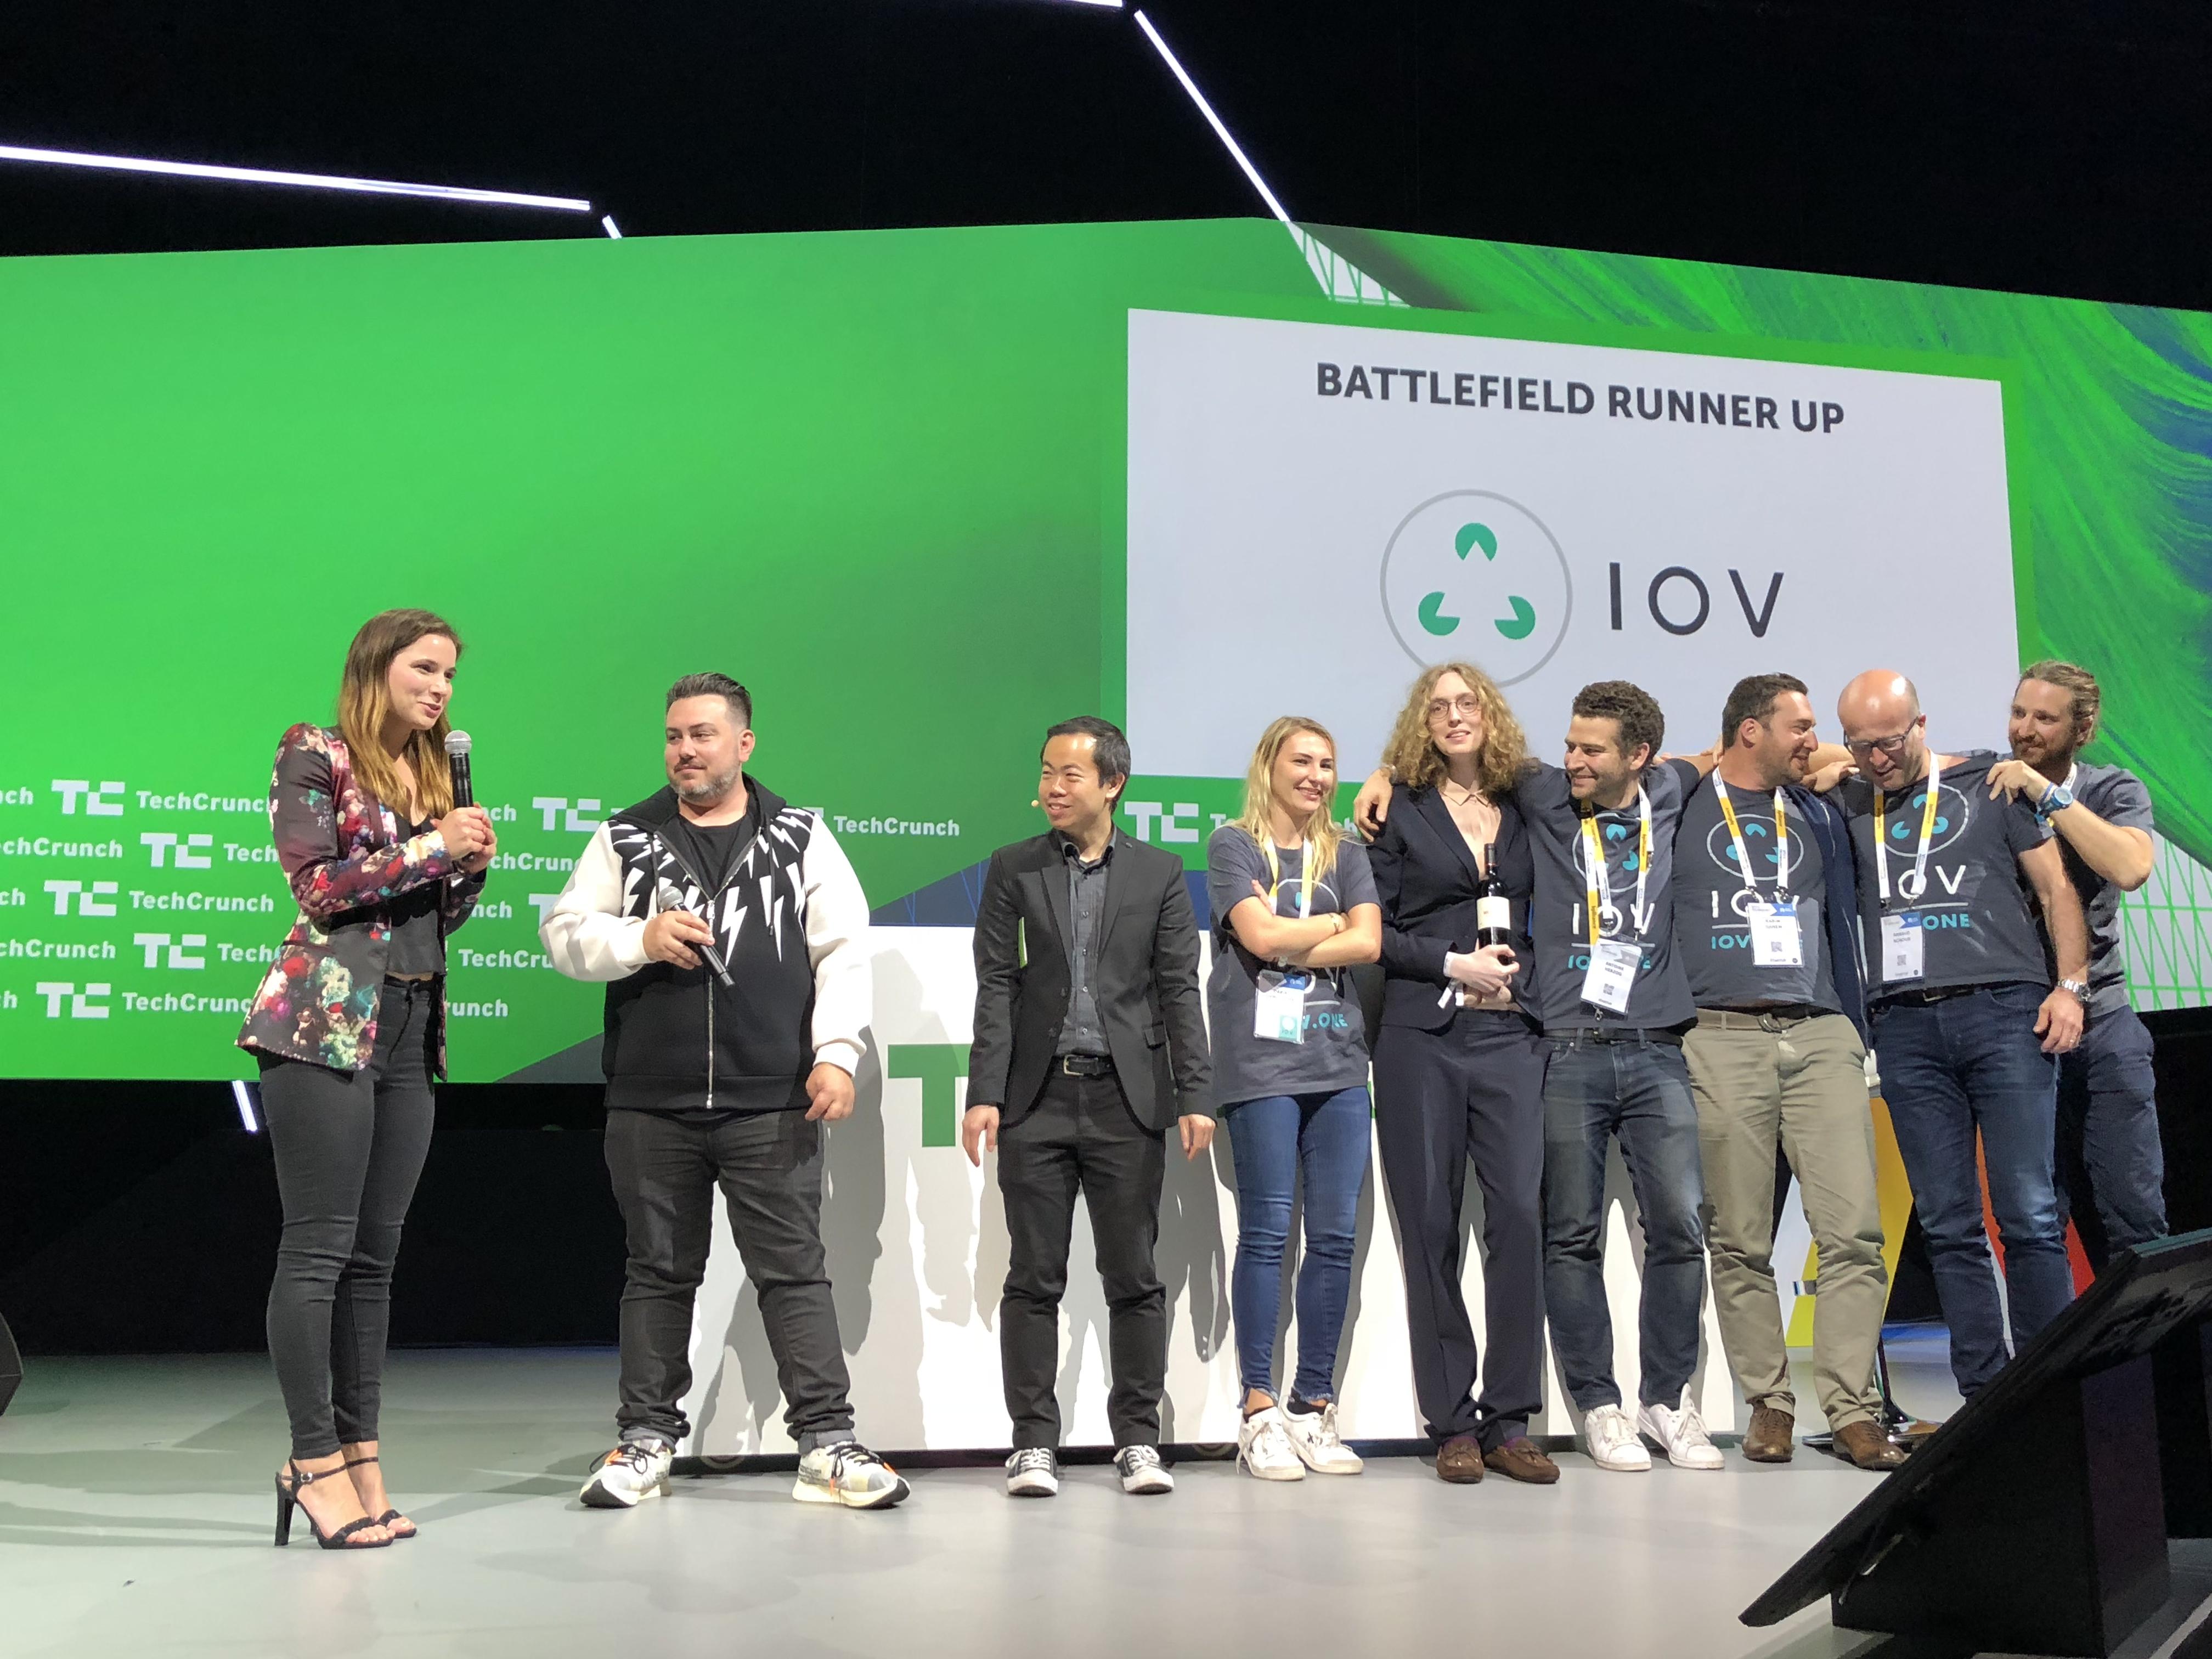 iov startup battlefield europe